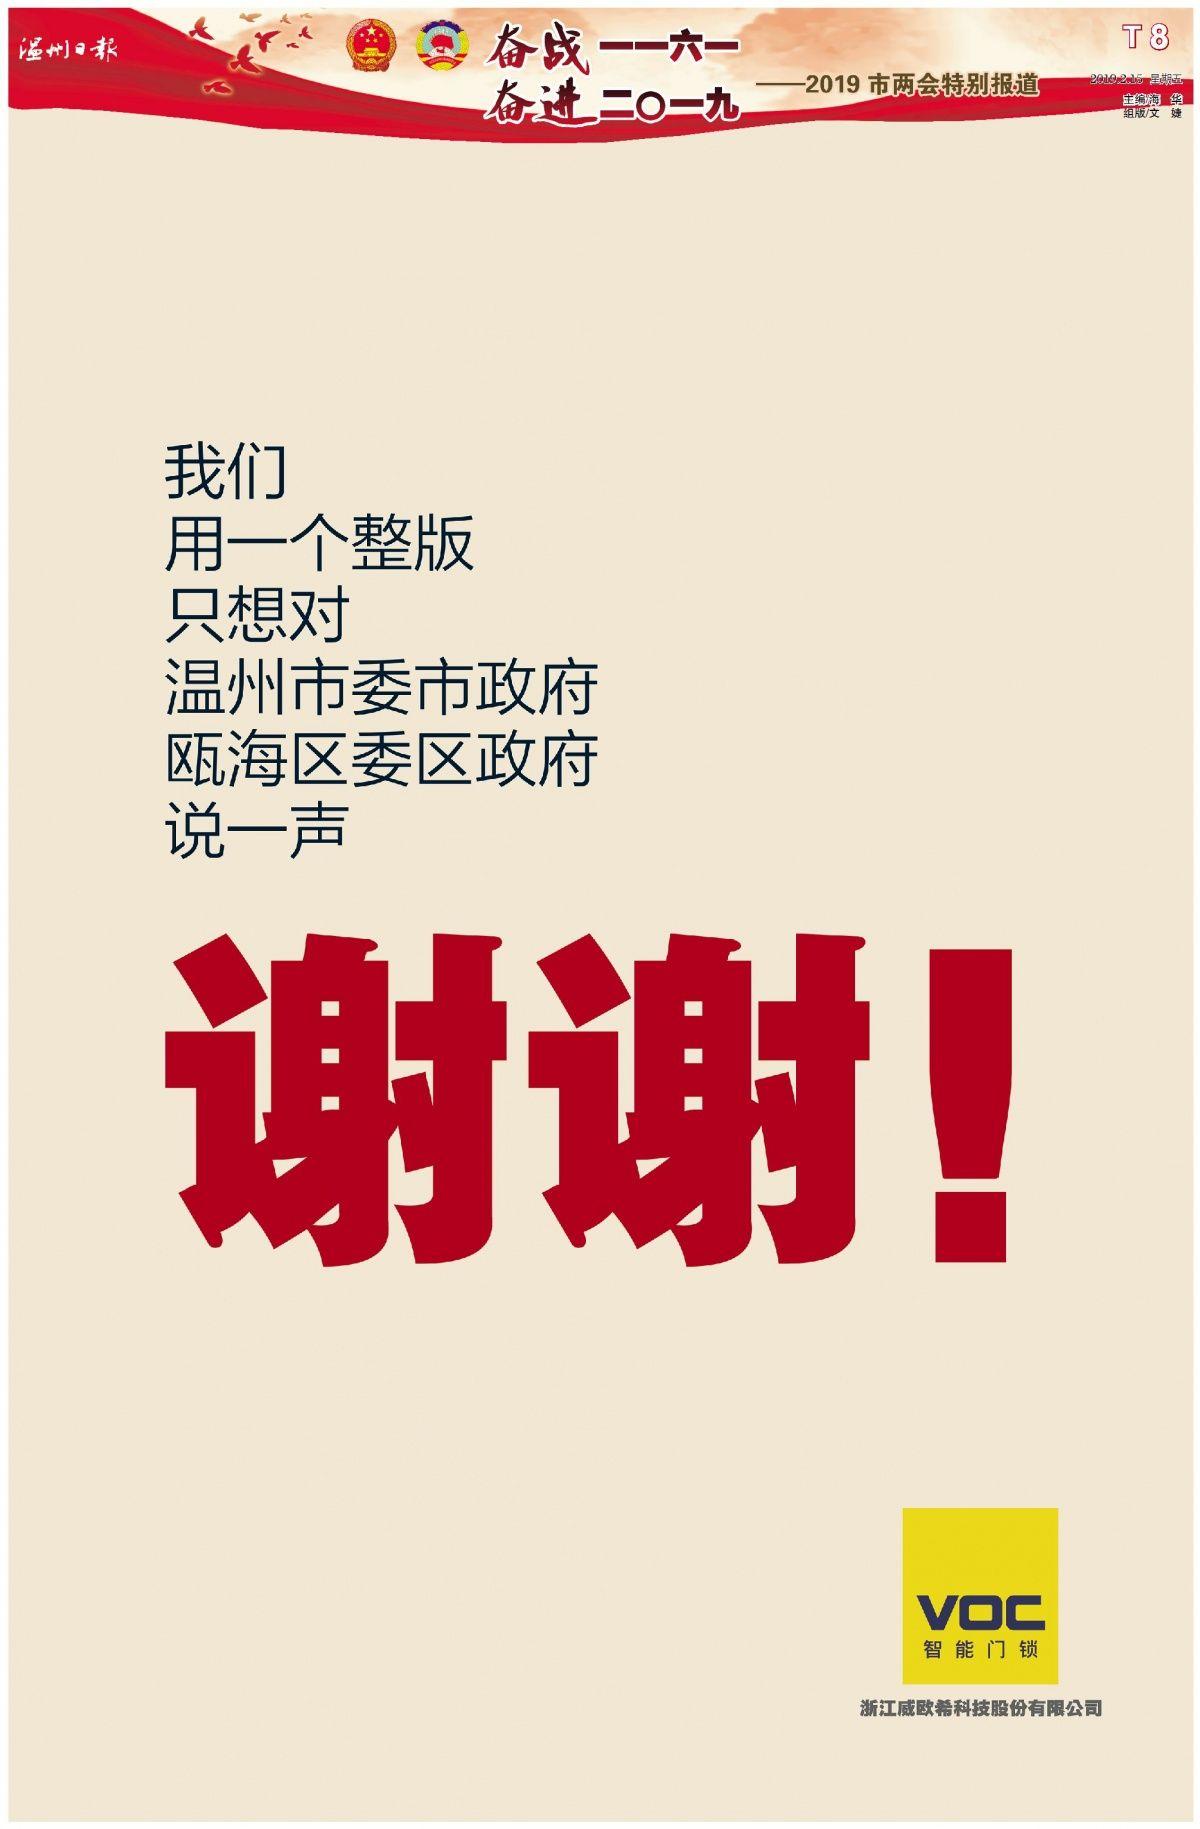 温州一民企登整版广告感谢党委政府 3天解决用地难